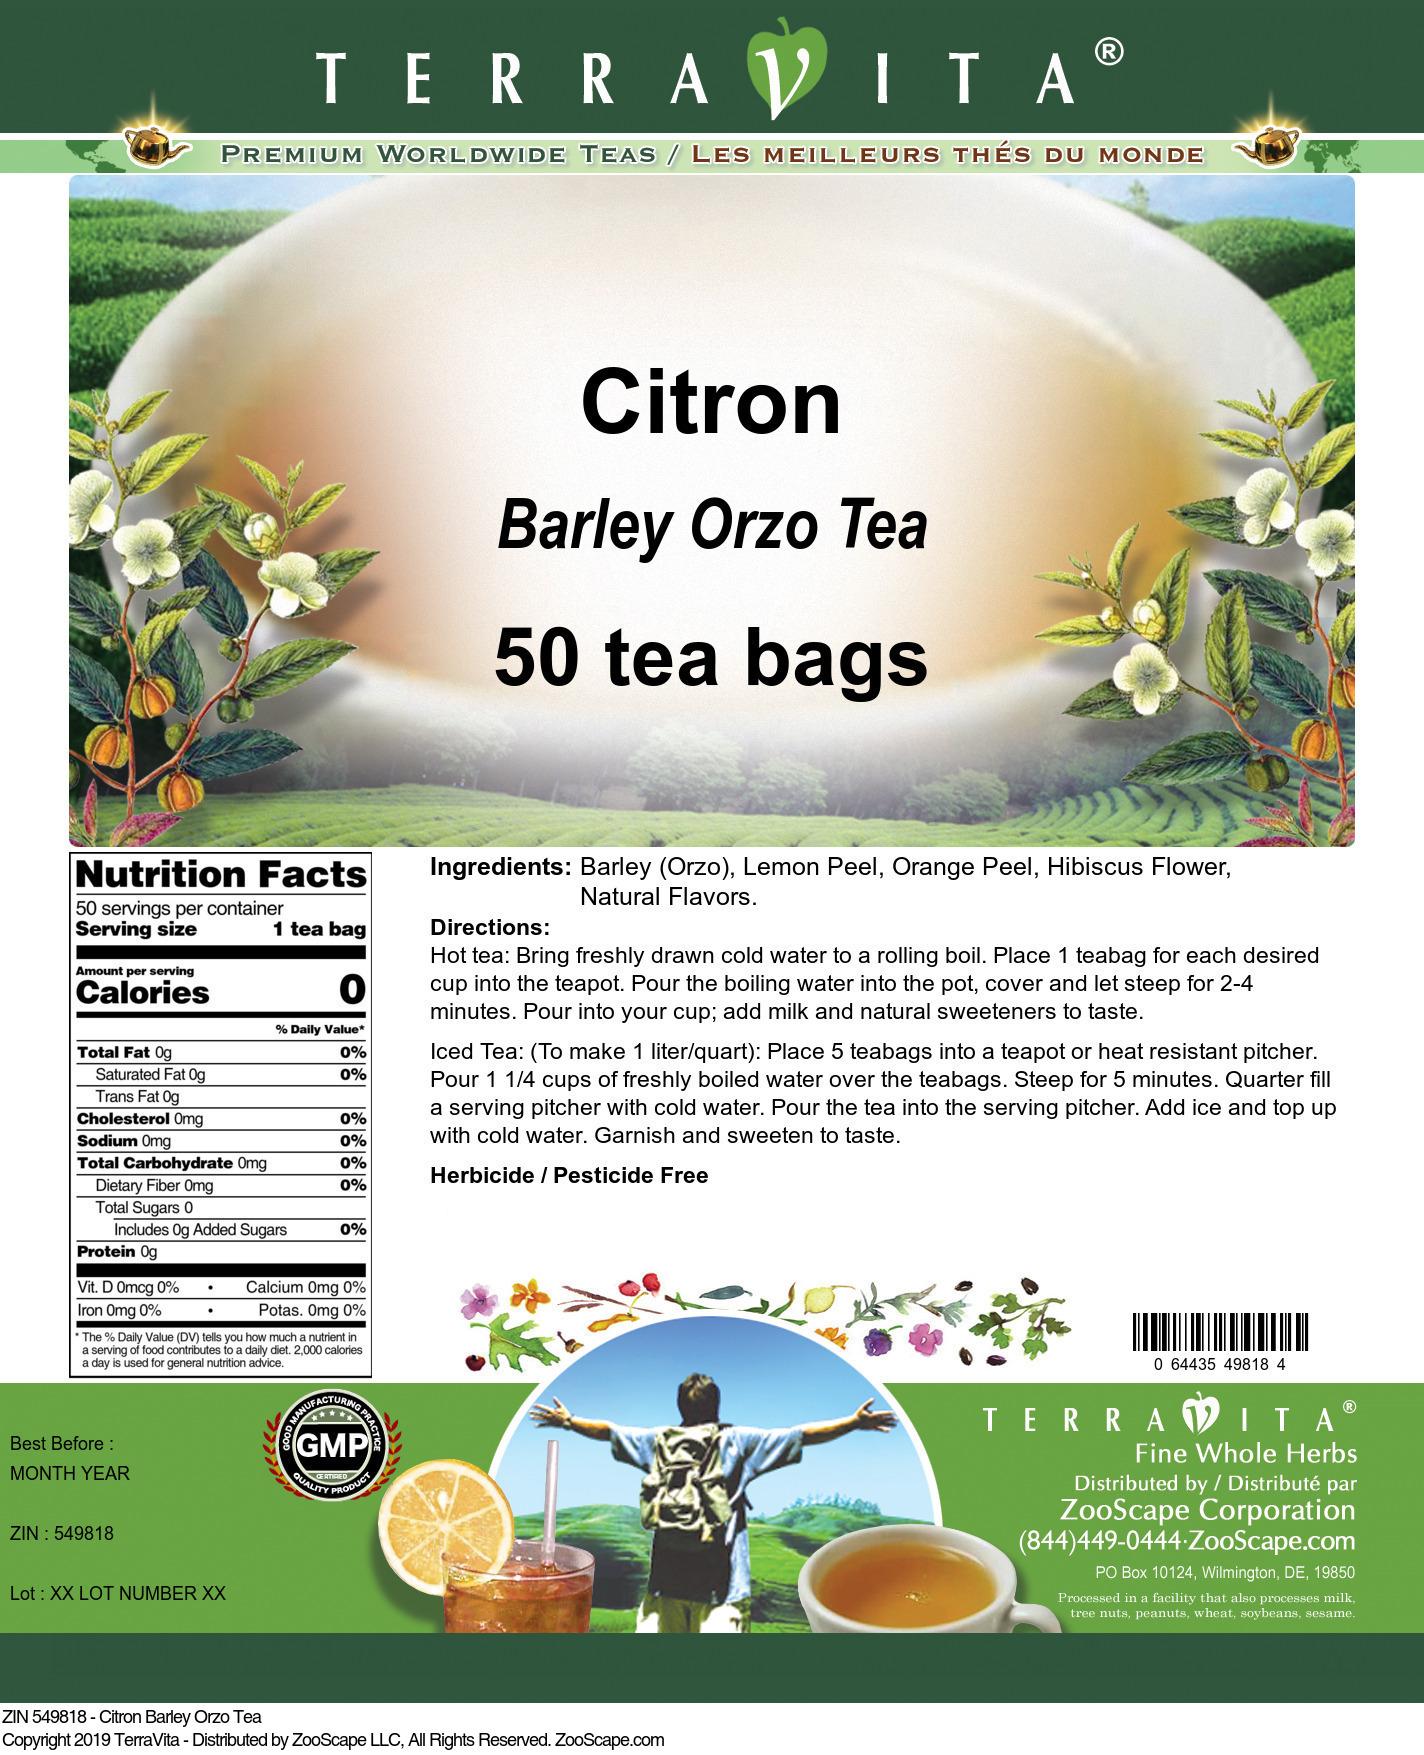 Citron Barley Orzo Tea